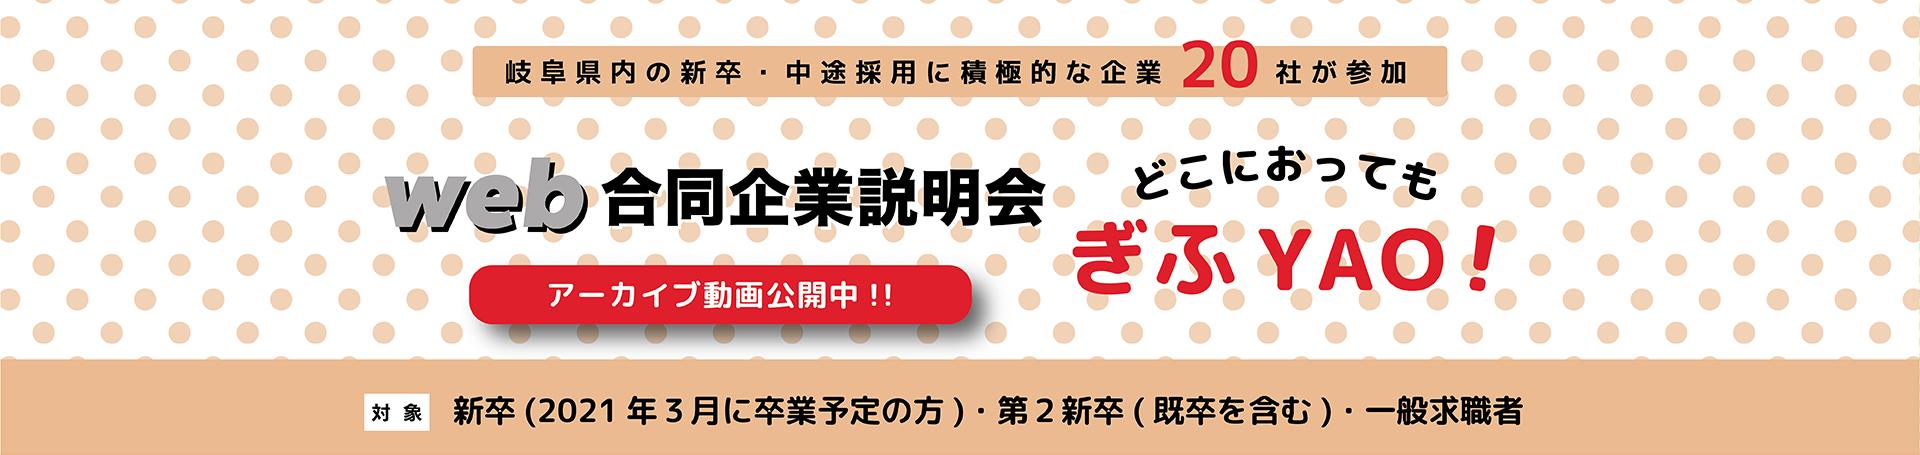 10月Web合同企業説明会